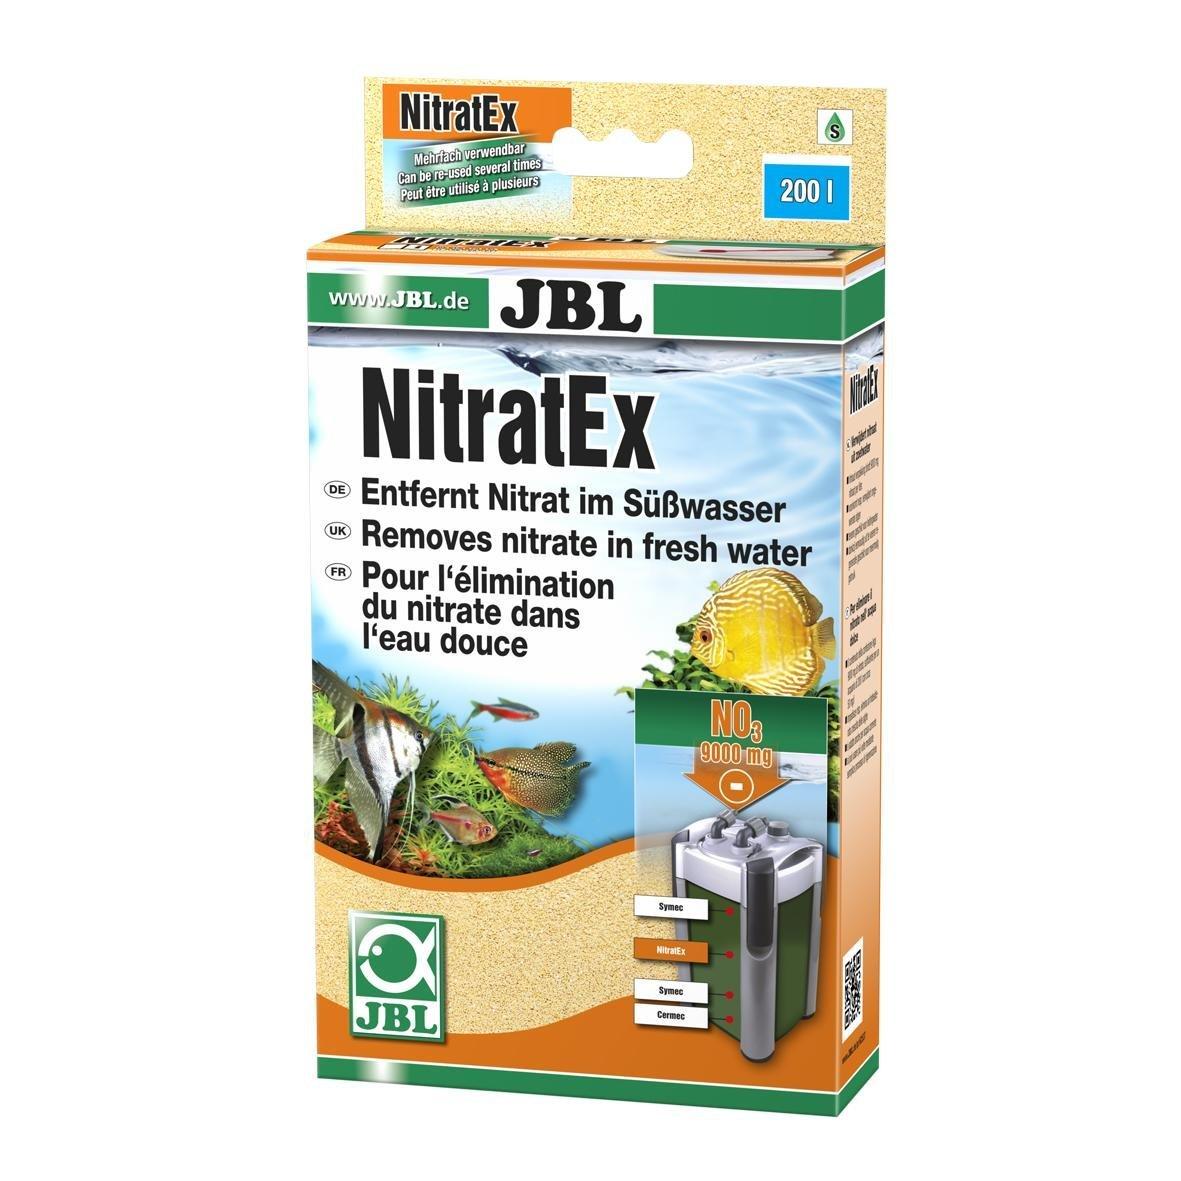 JBL NitratEx, Masse filtrante pour l'élimination rapide des nitrates dans l'eau d'aquarium 250 ml (170 g) neutralisent 9000 mg de nitrates 62547